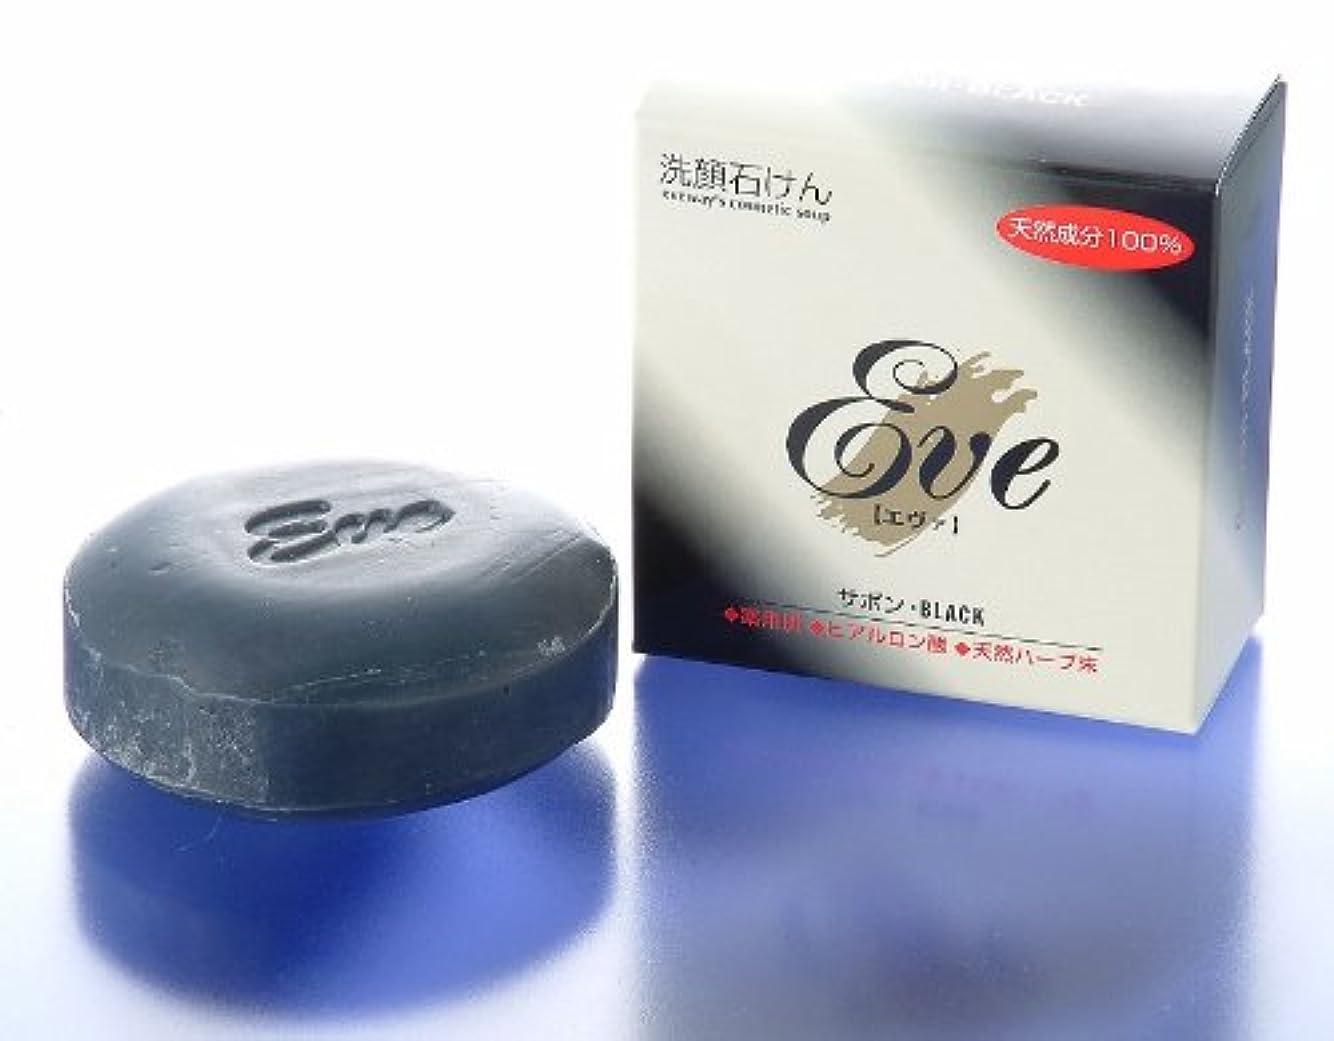 援助天文学洗顔 化粧石鹸 サボンブラック クレンジングの要らない石鹸です。